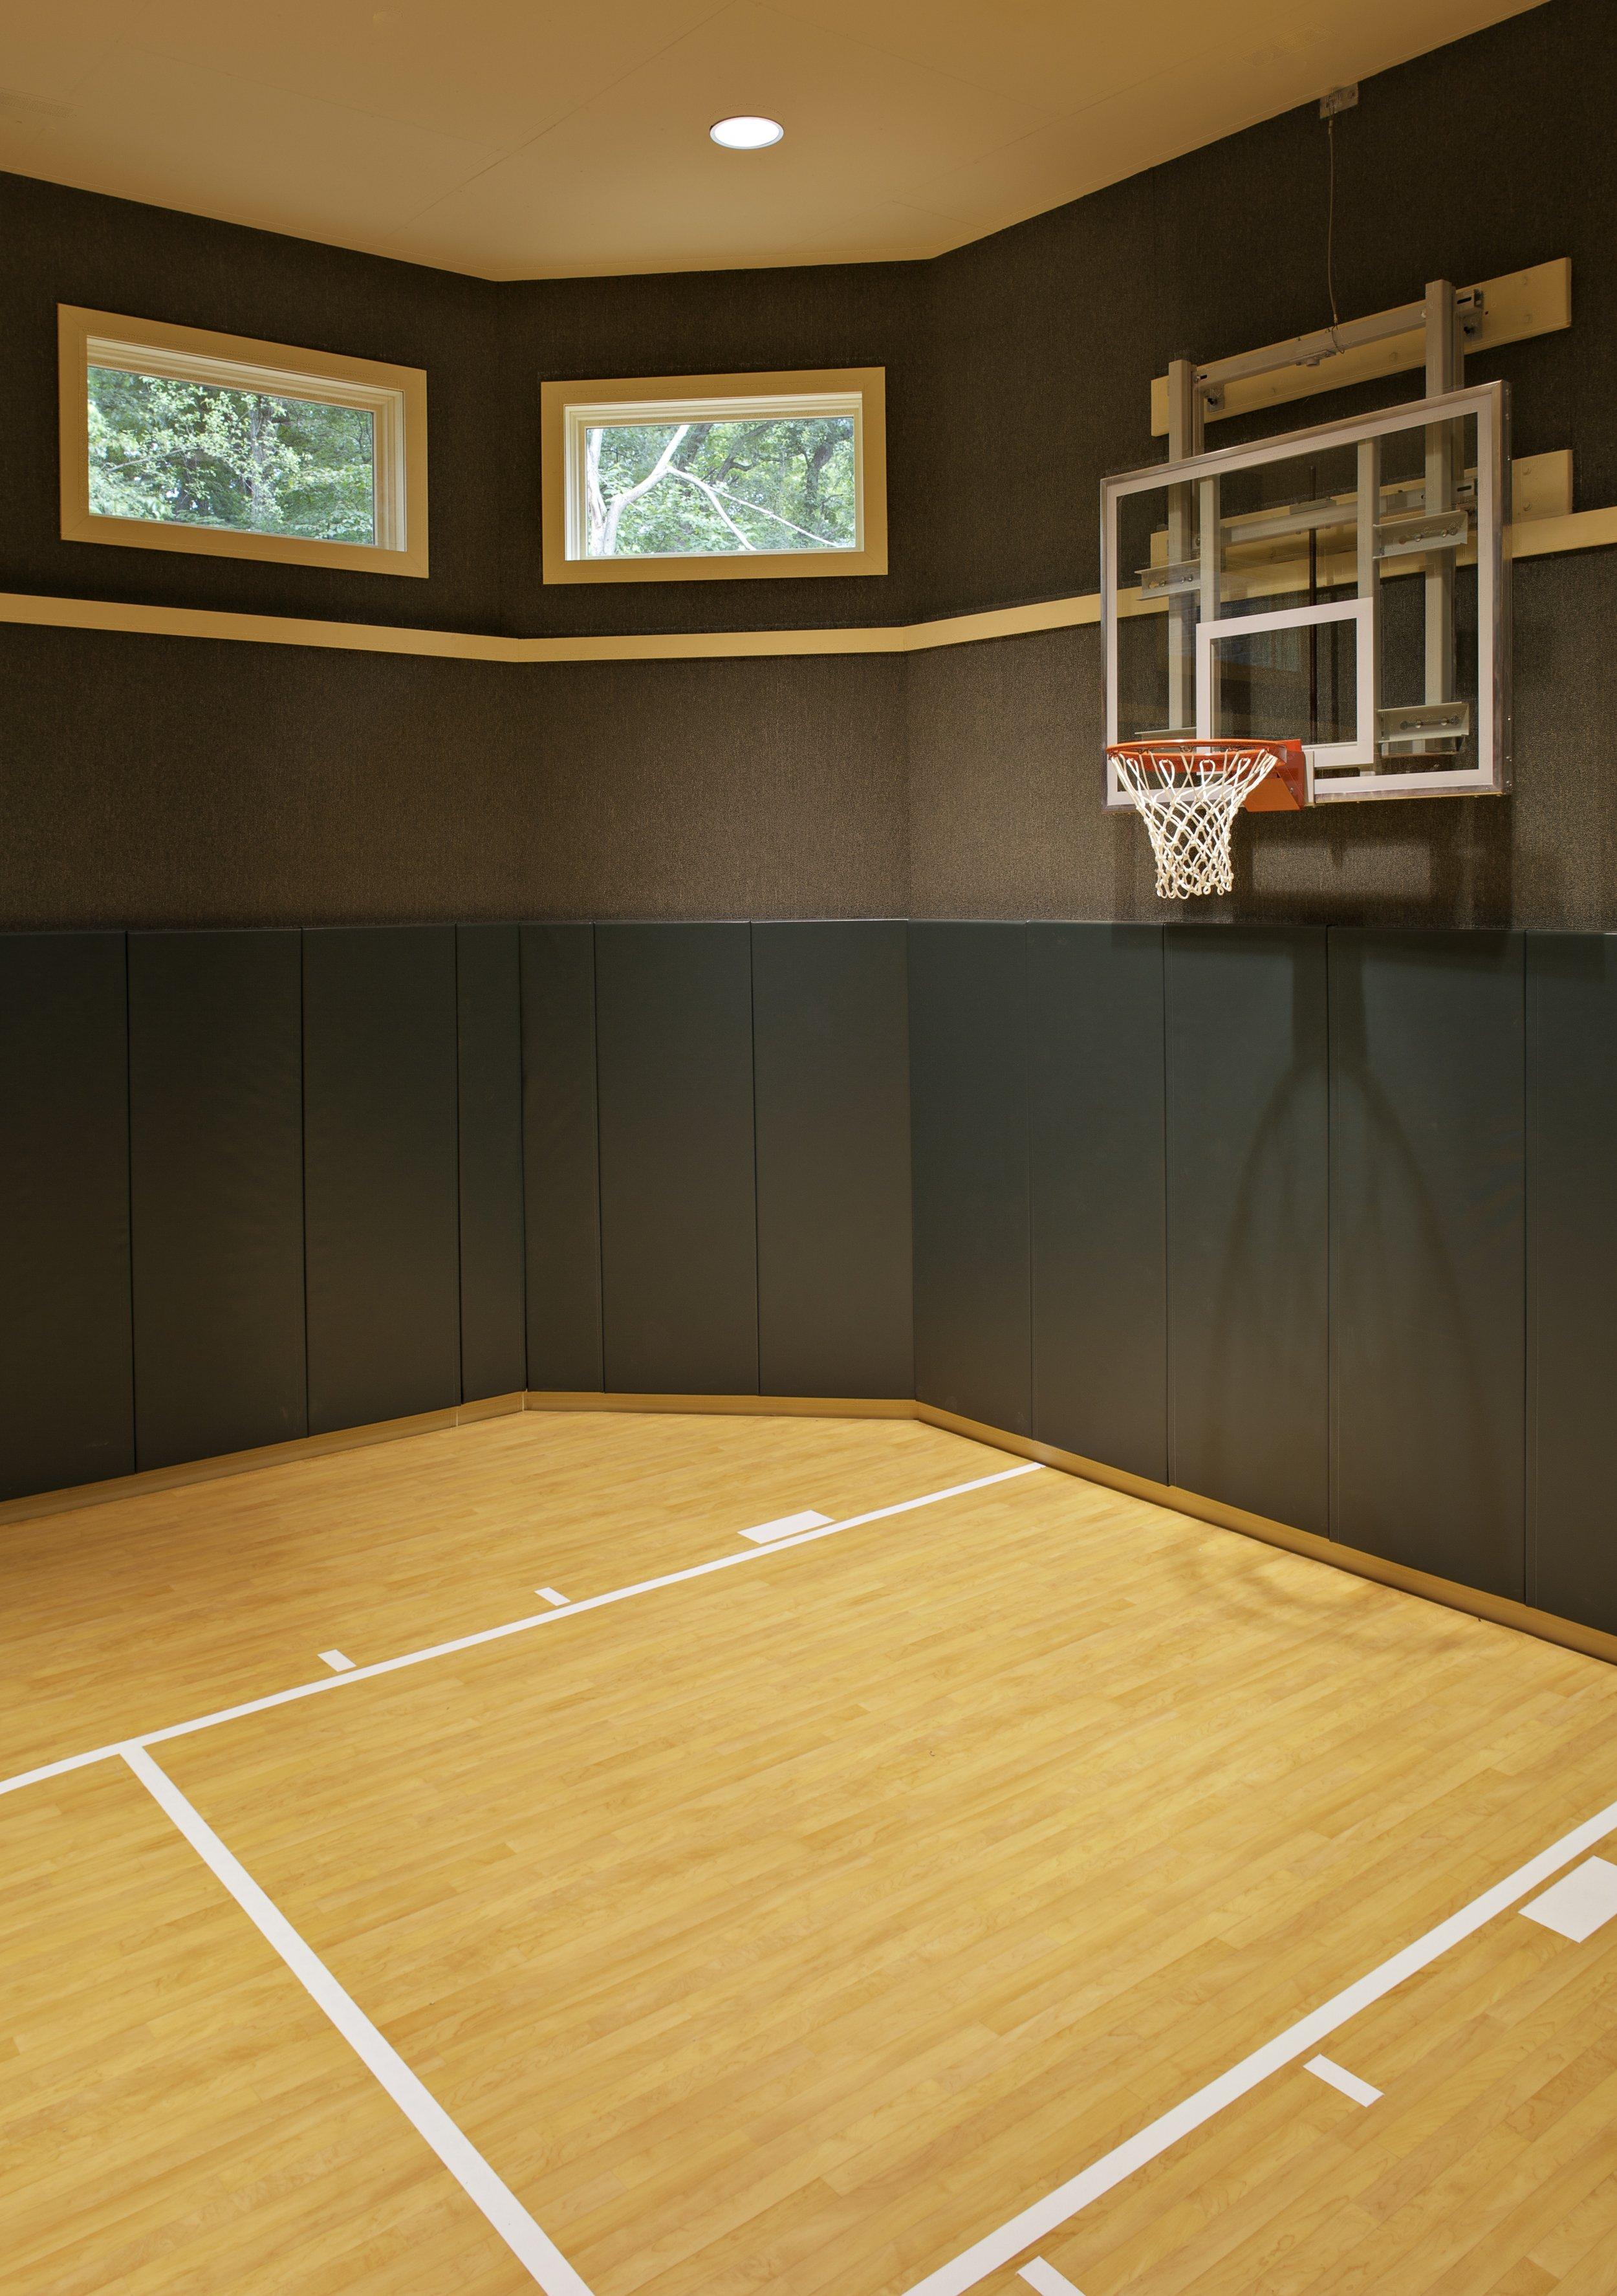 Basketball court Client copy.jpg